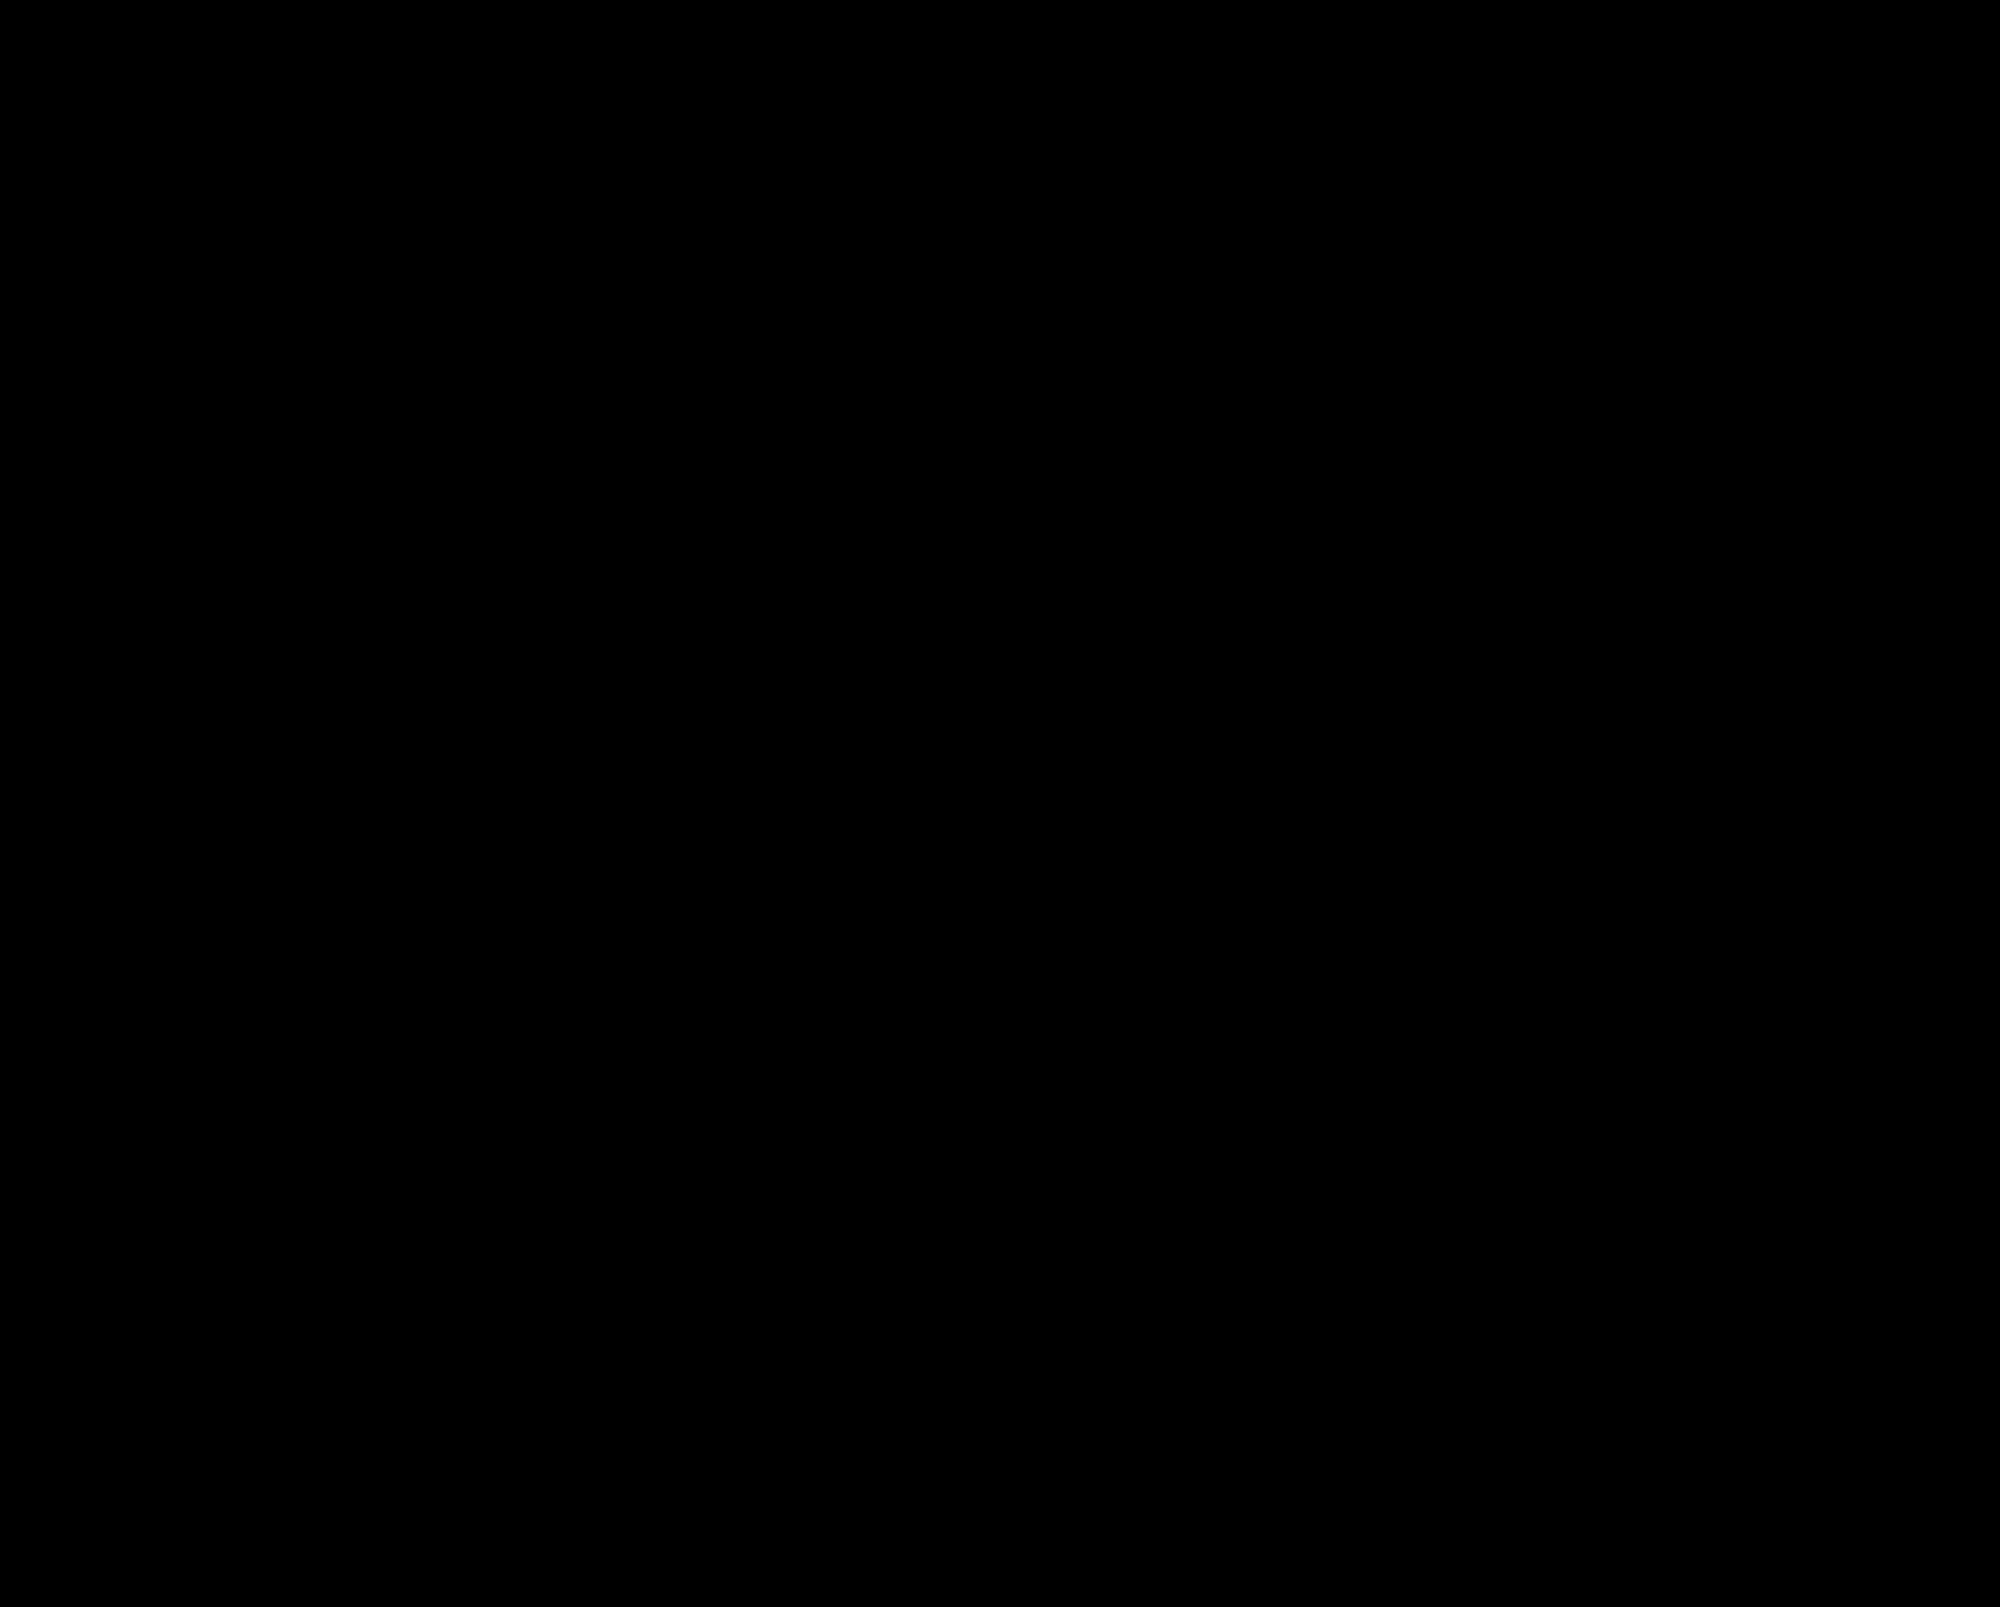 logo-blackONwhite.png